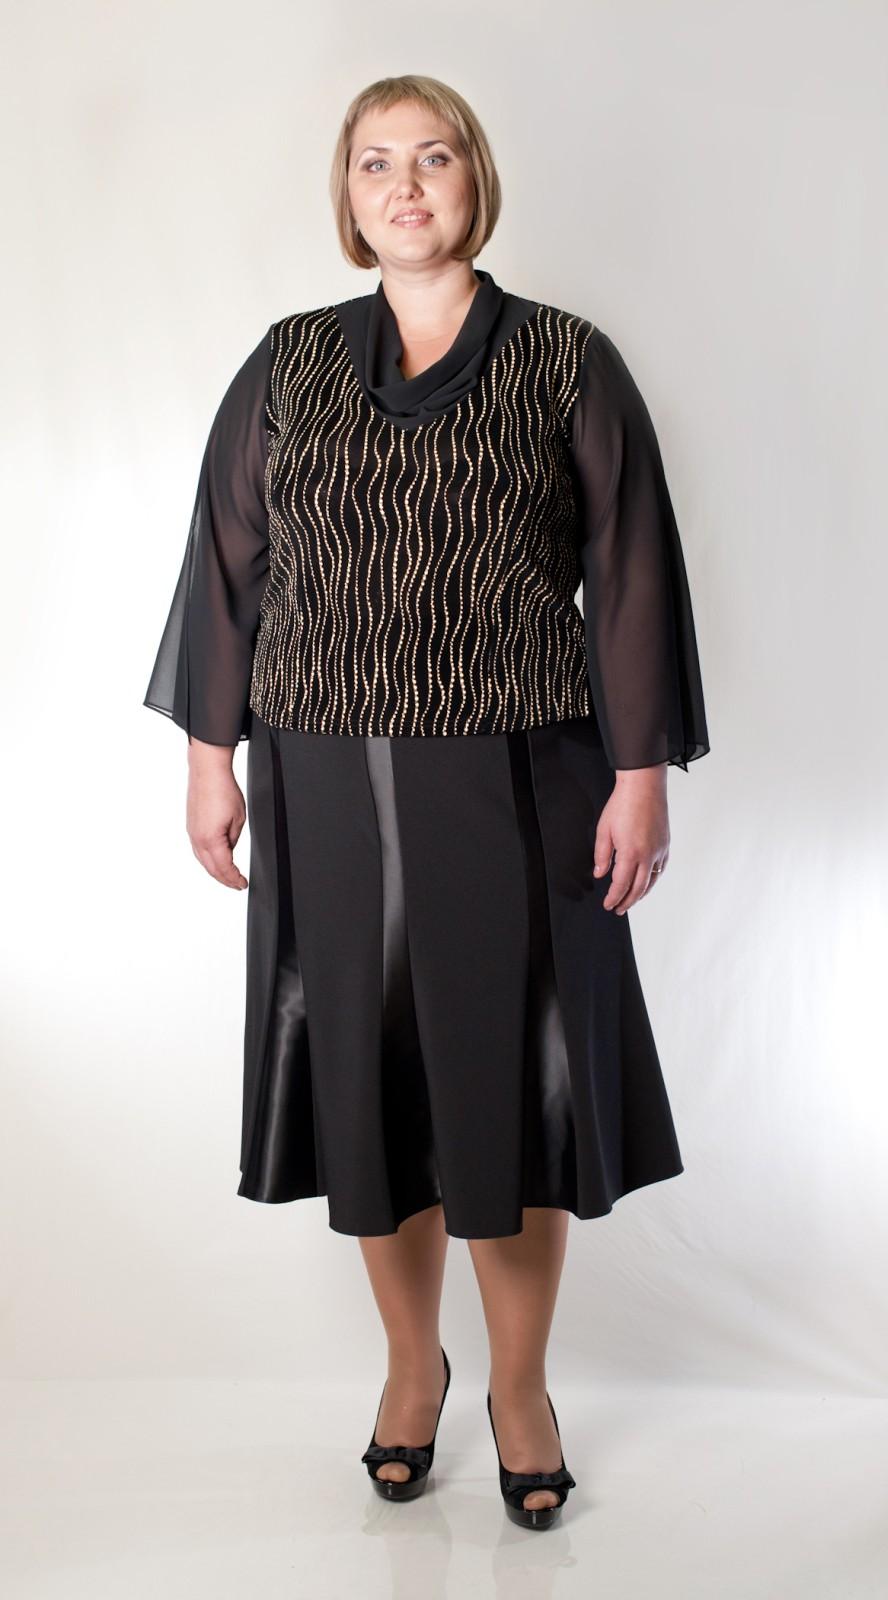 Летние блузки купить в самаре